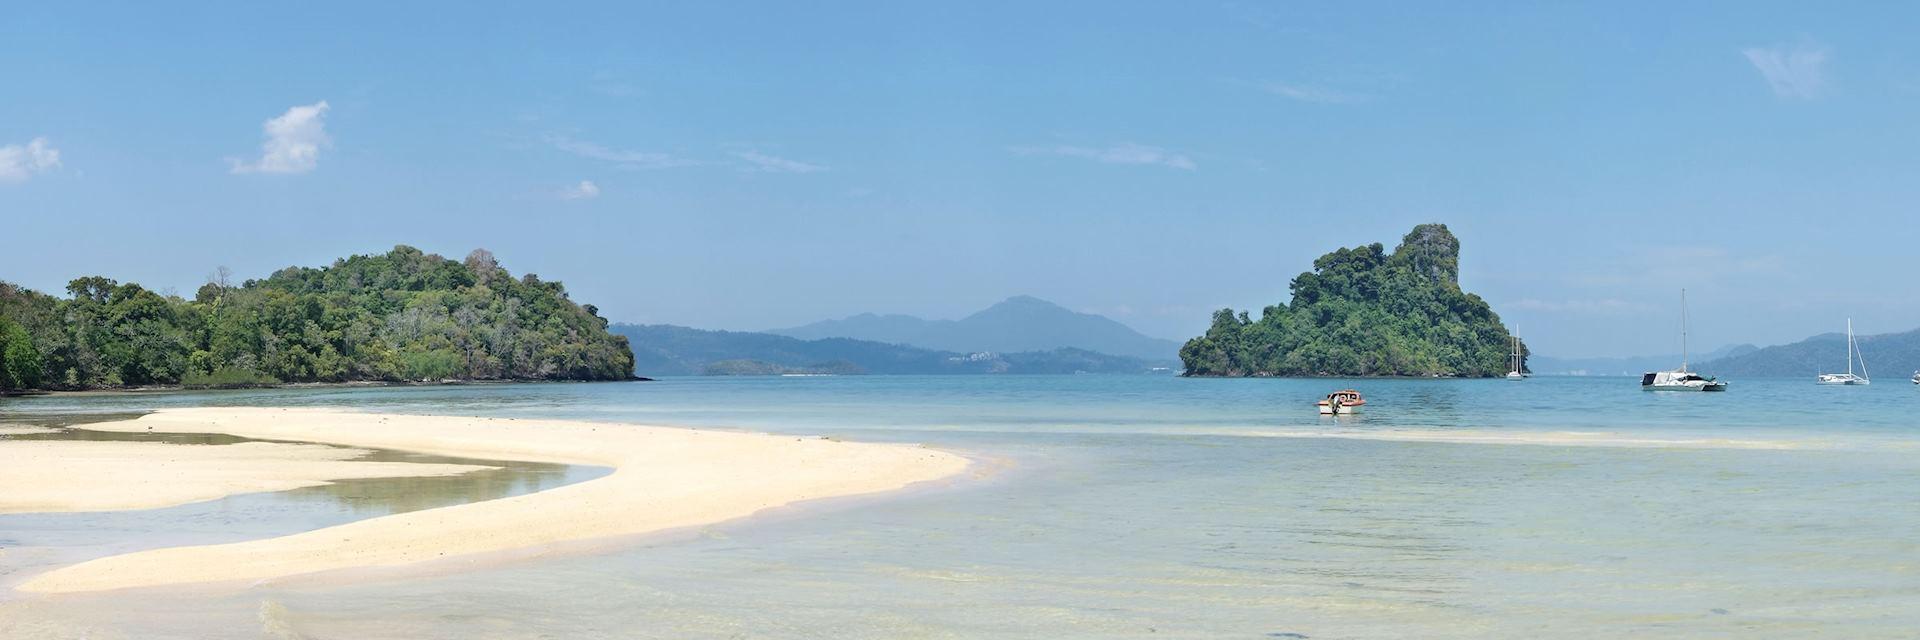 Beach on Langkawi